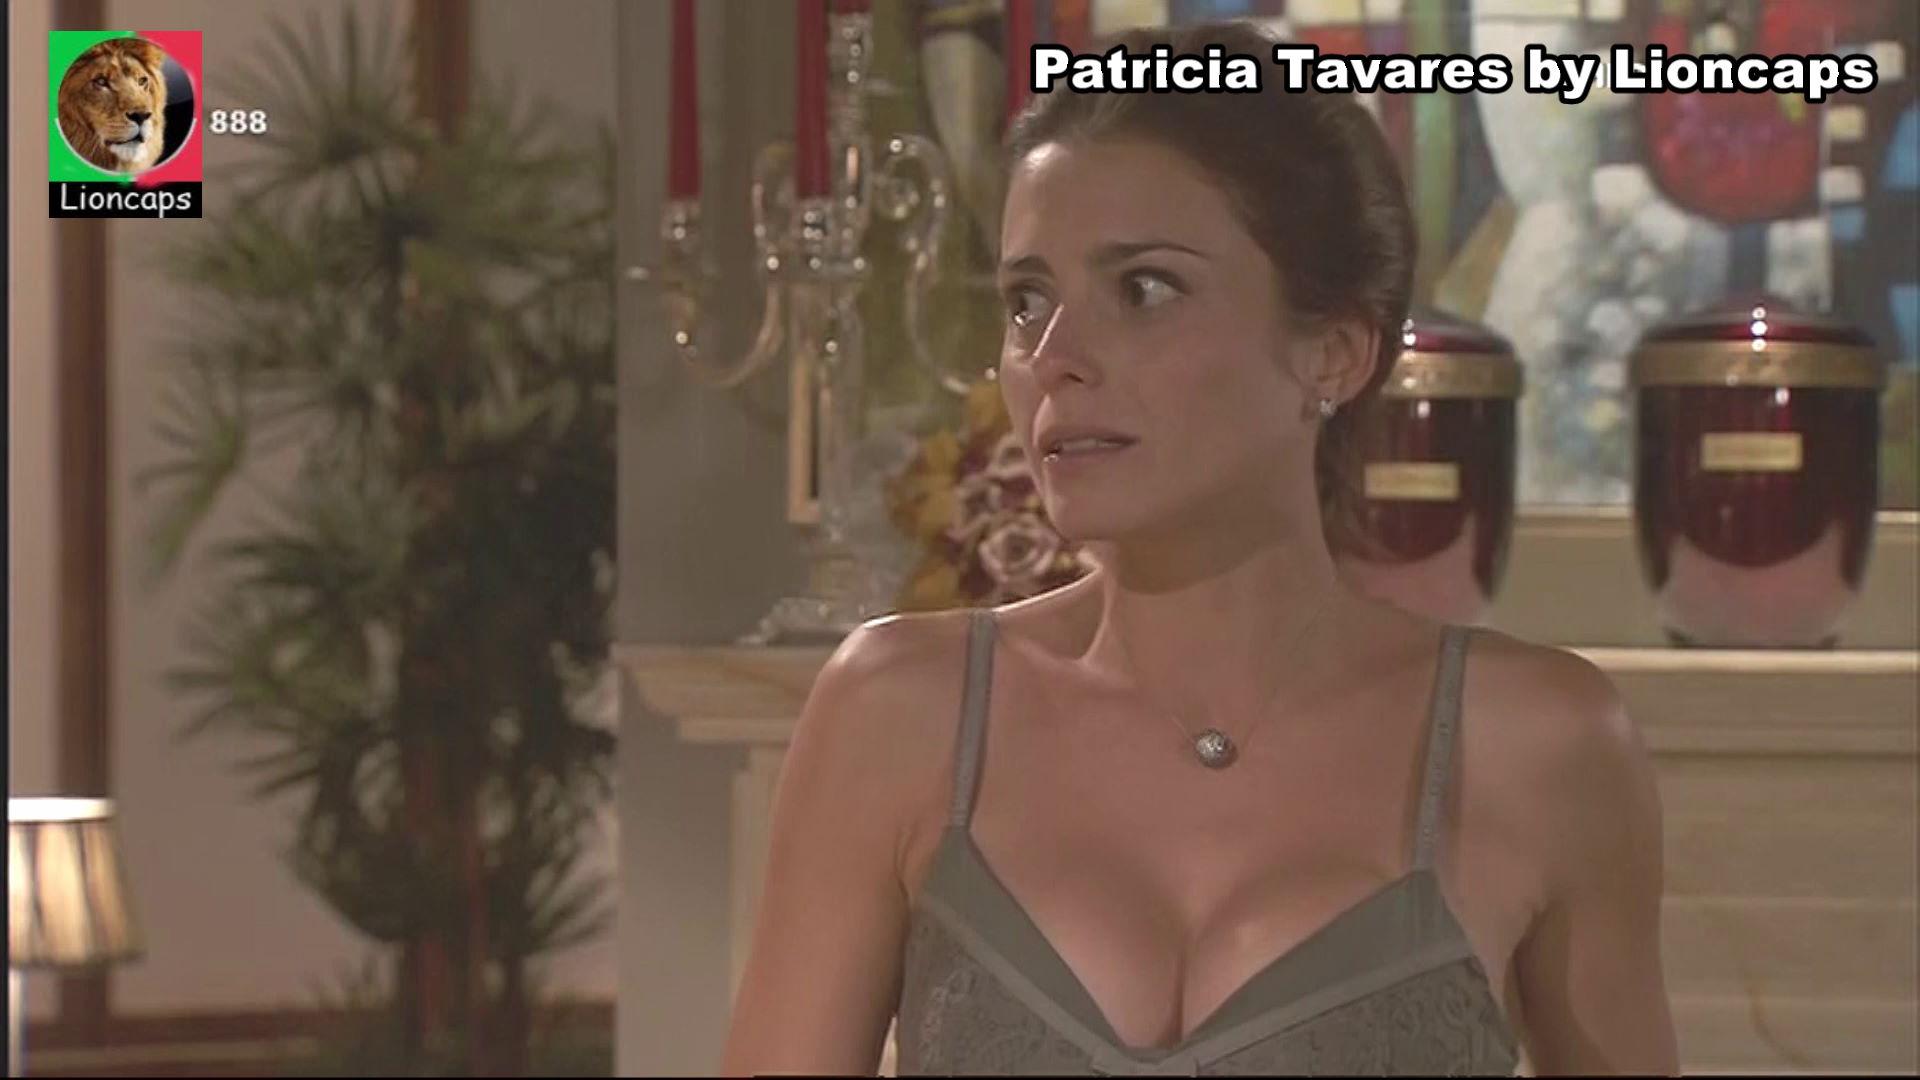 440219375_patricia_tavares_vs190324_1434_122_33lo.JPG